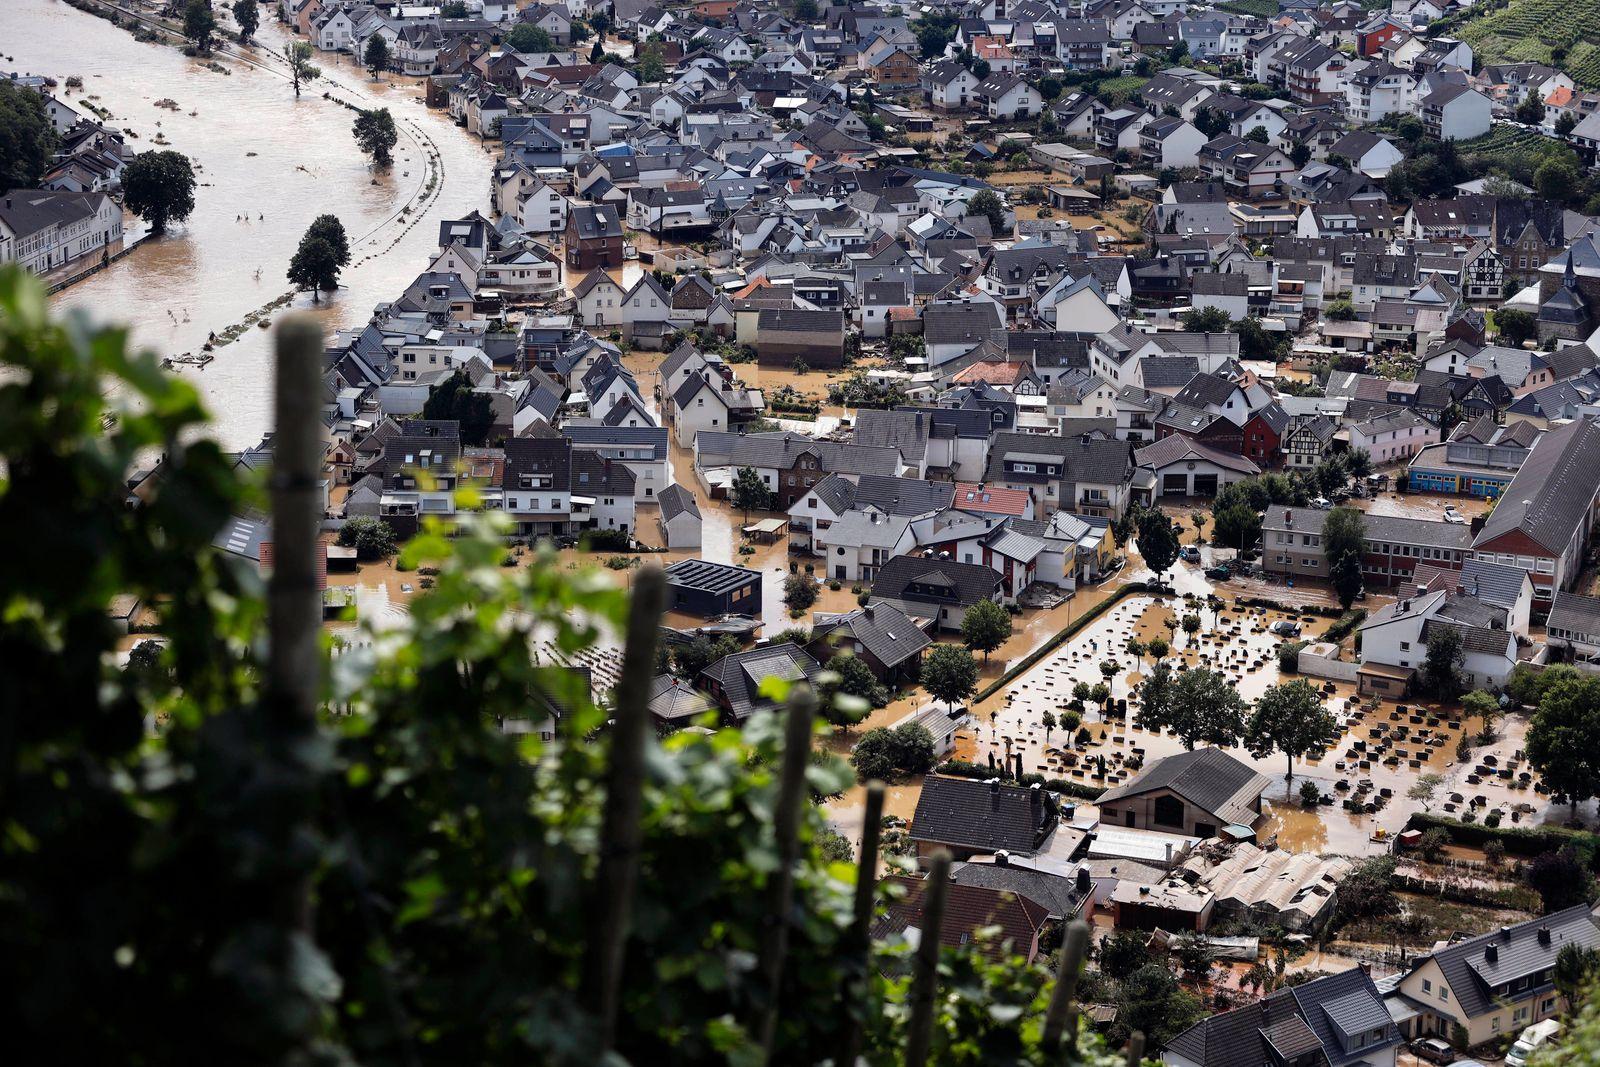 In der Eifel haben heftige Regenfälle und Dauerregen für Überschwemmungen und Überflutungen gesorgt. Im Ahrtal trat der